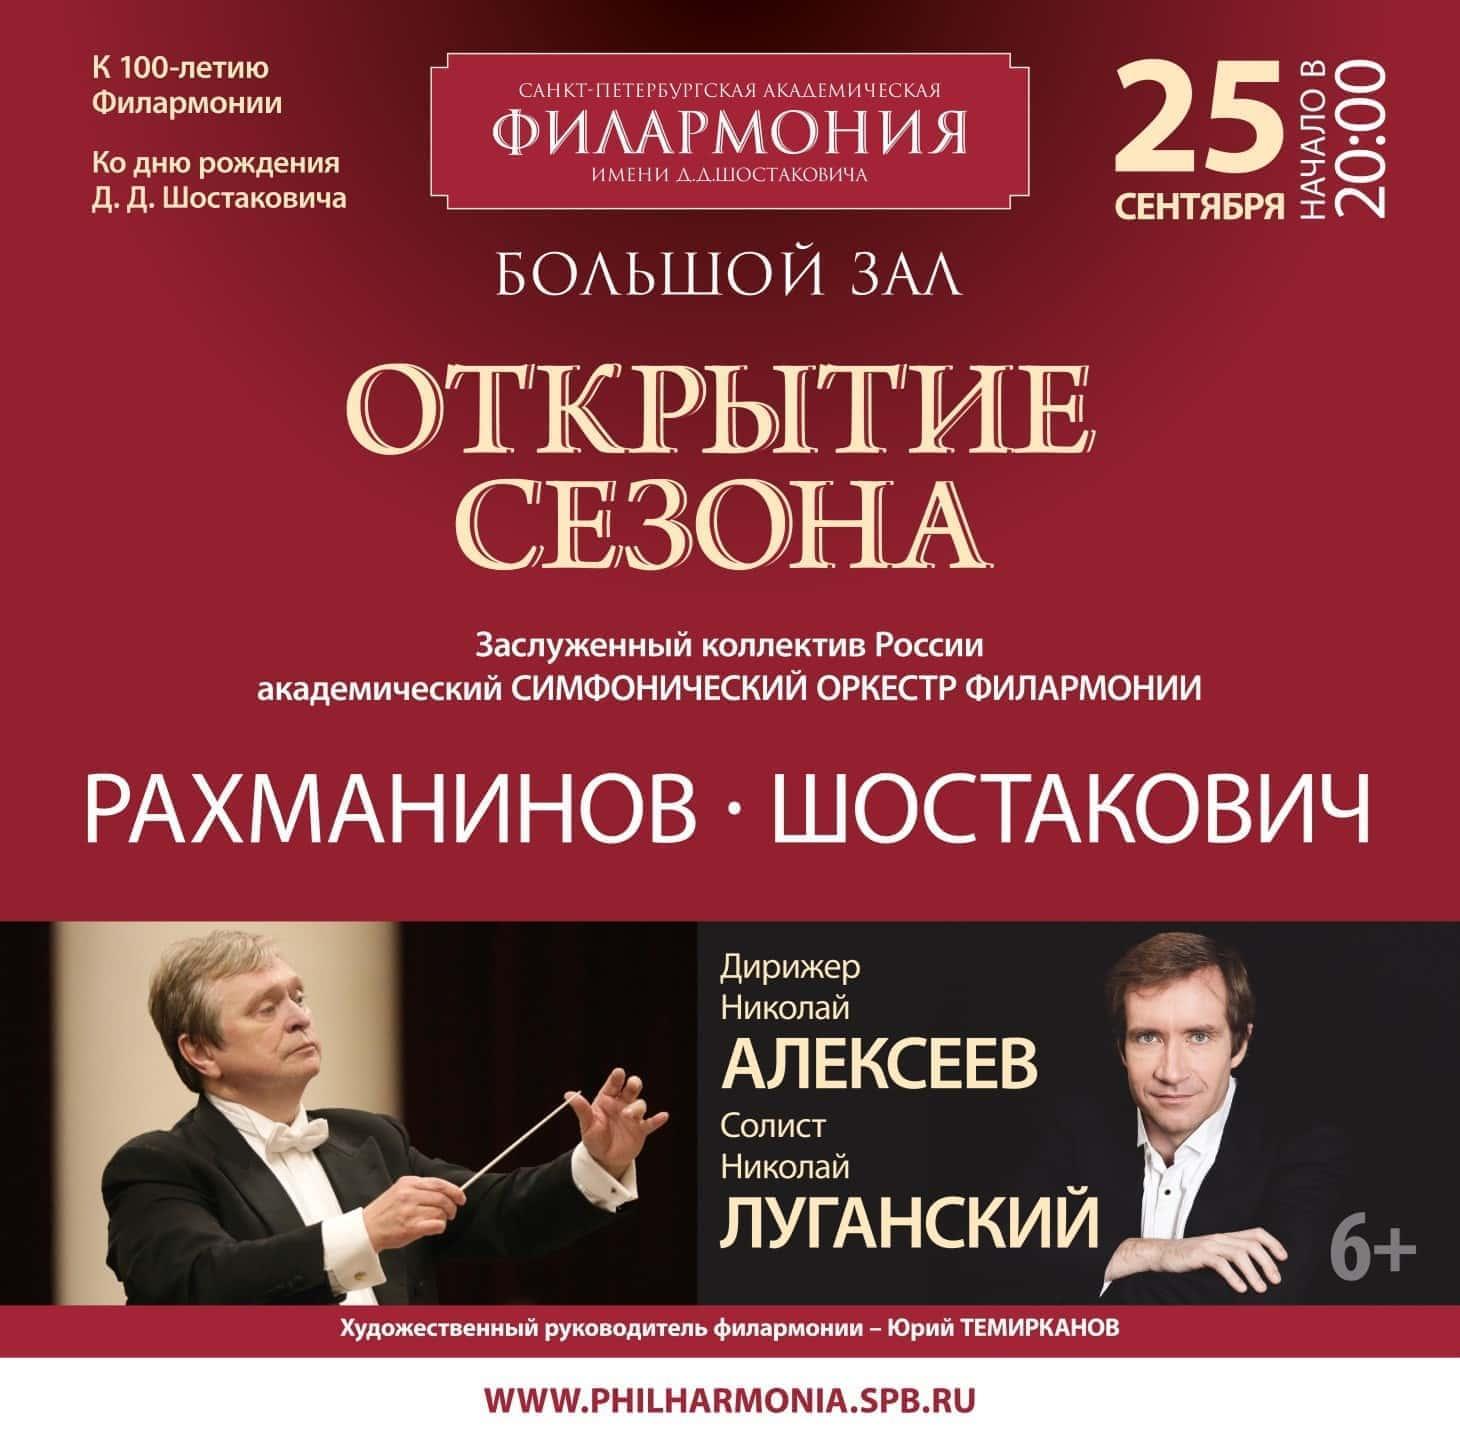 Петербургская филармония откроет сезон в день рождения Дмитрия Шостаковича